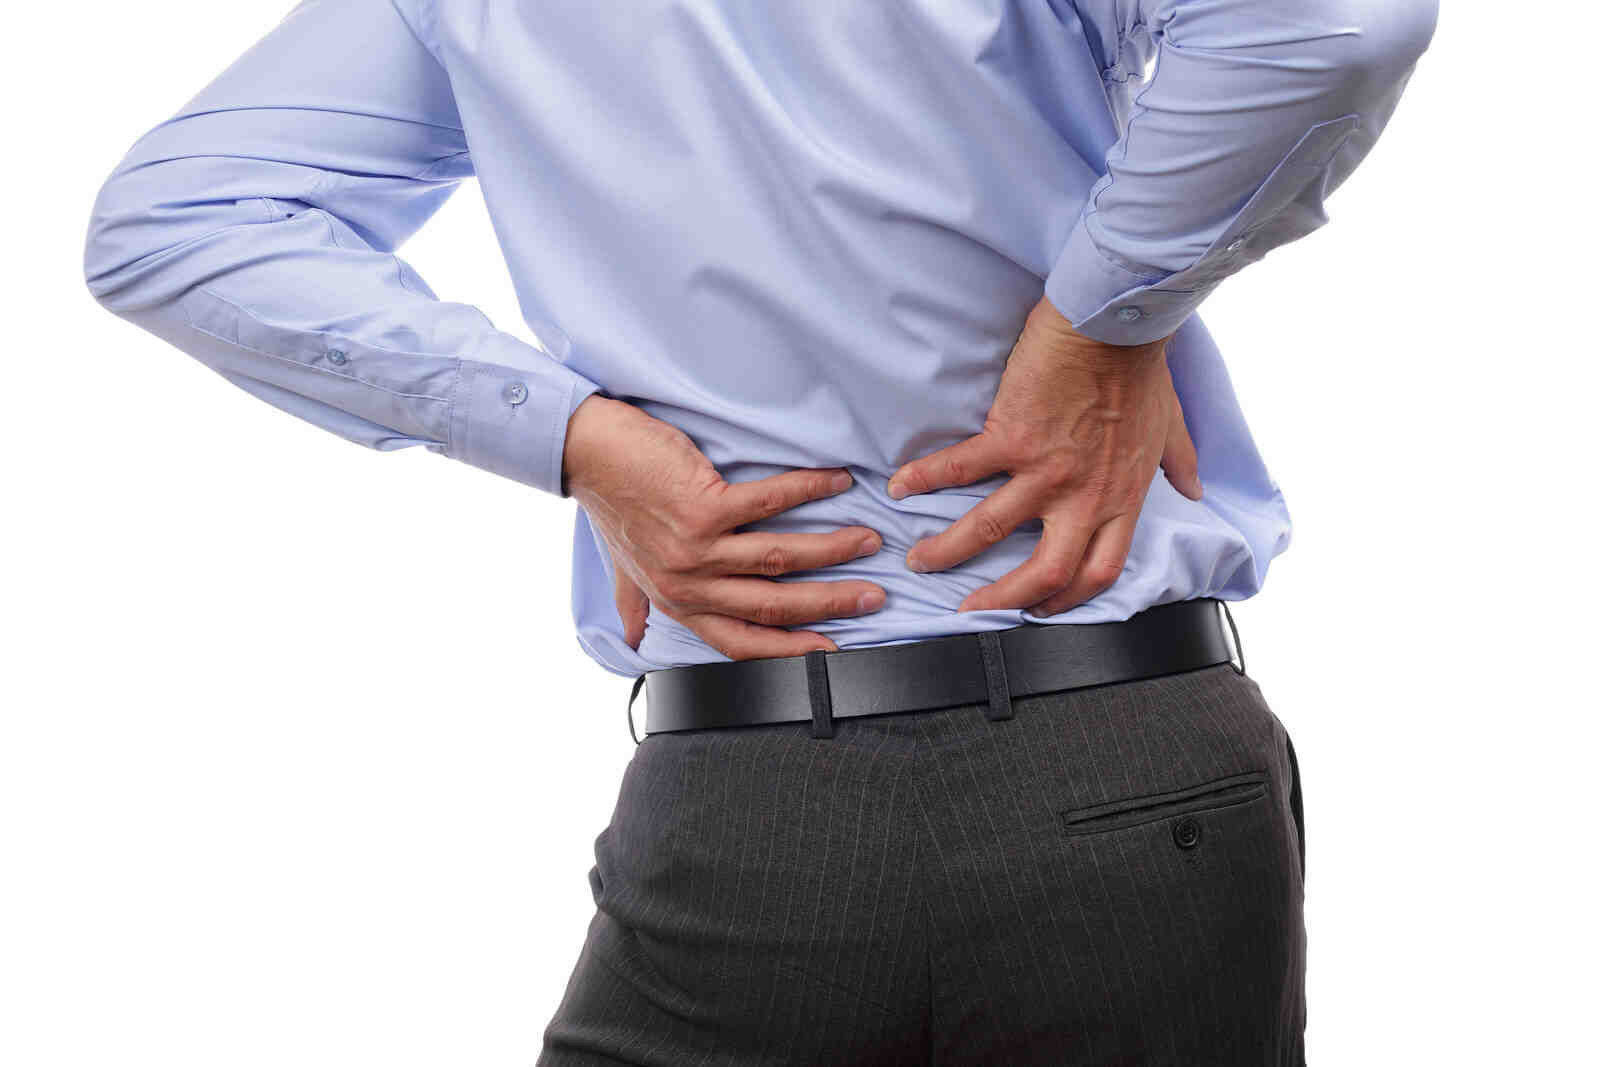 Une hernie discale peut-elle guérir?